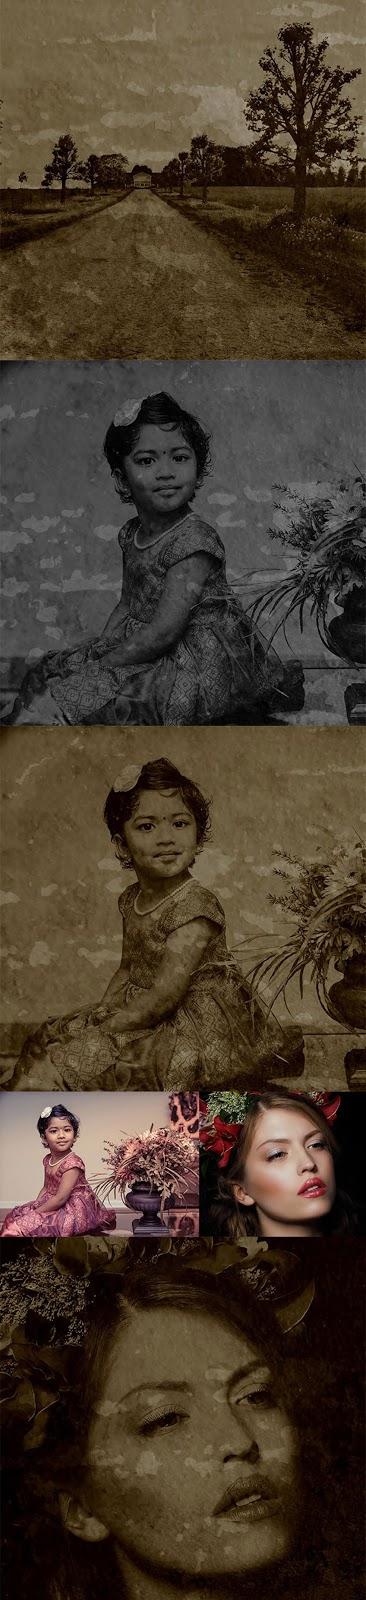 Vintage  Old Photo Effect 26444506